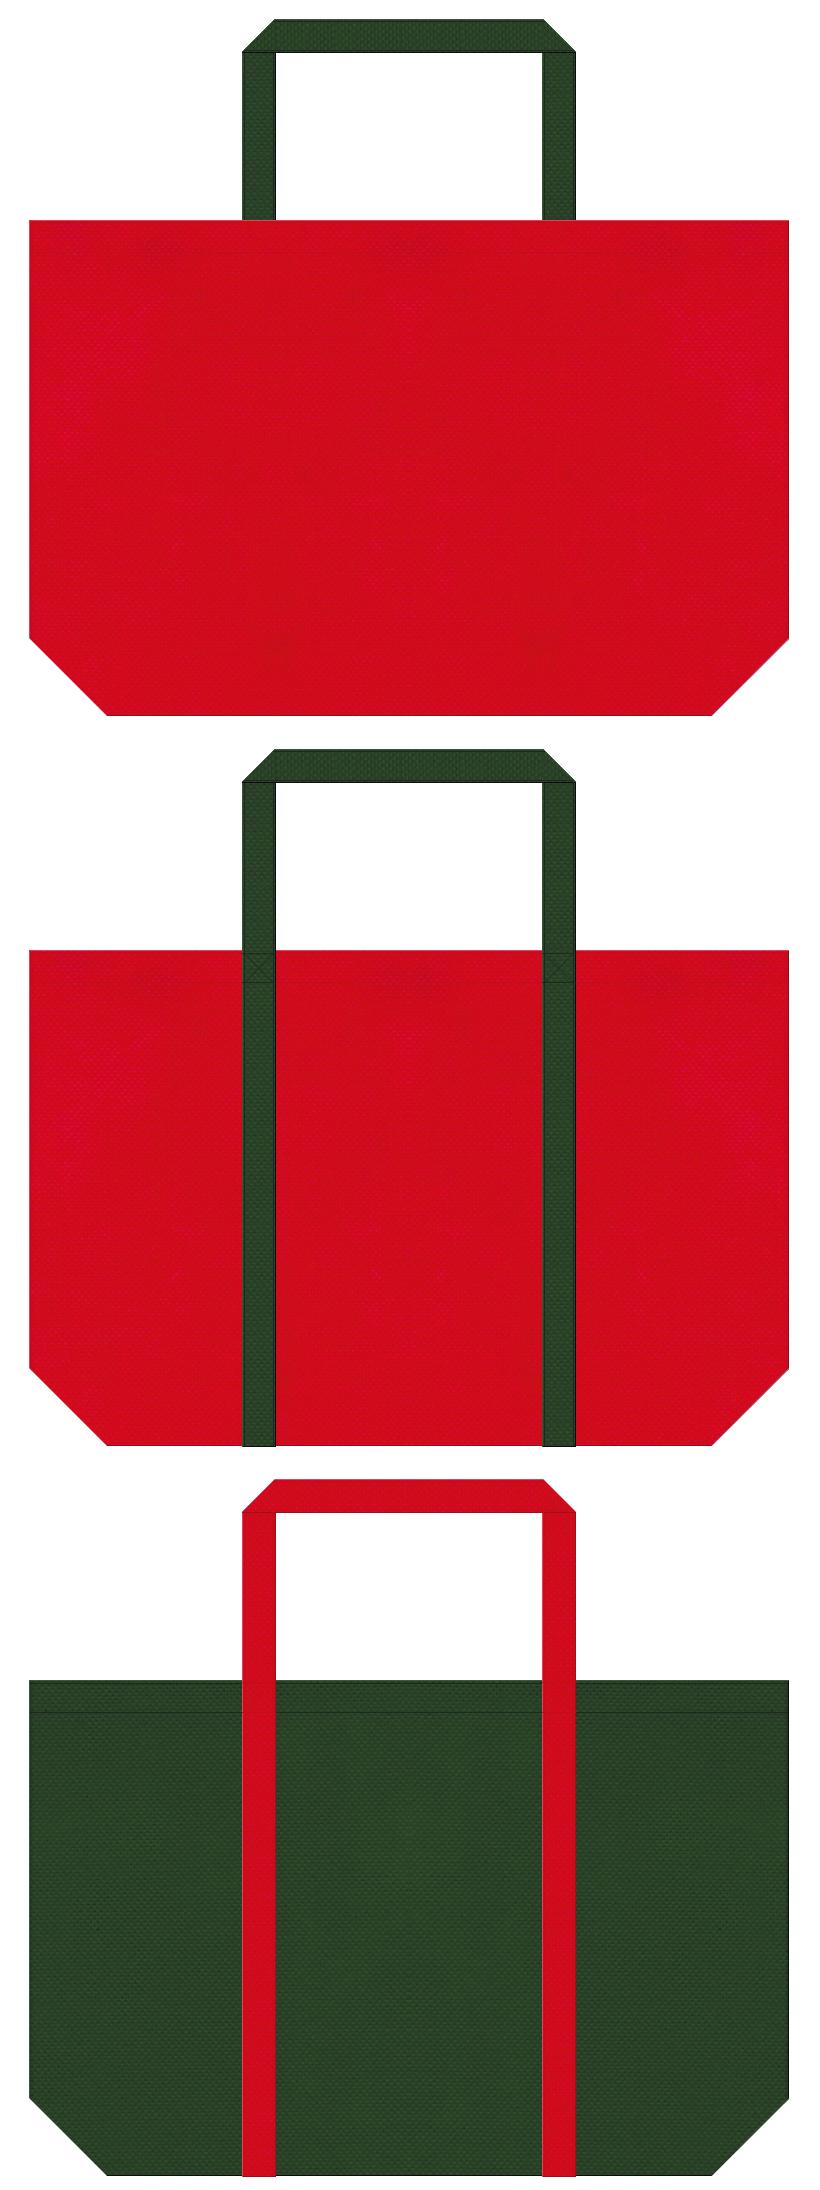 不織布ショッピングバッグのデザイン:紅色と濃緑色のコーデ。クリスマス商品のショッピングバッグにお奨めです。